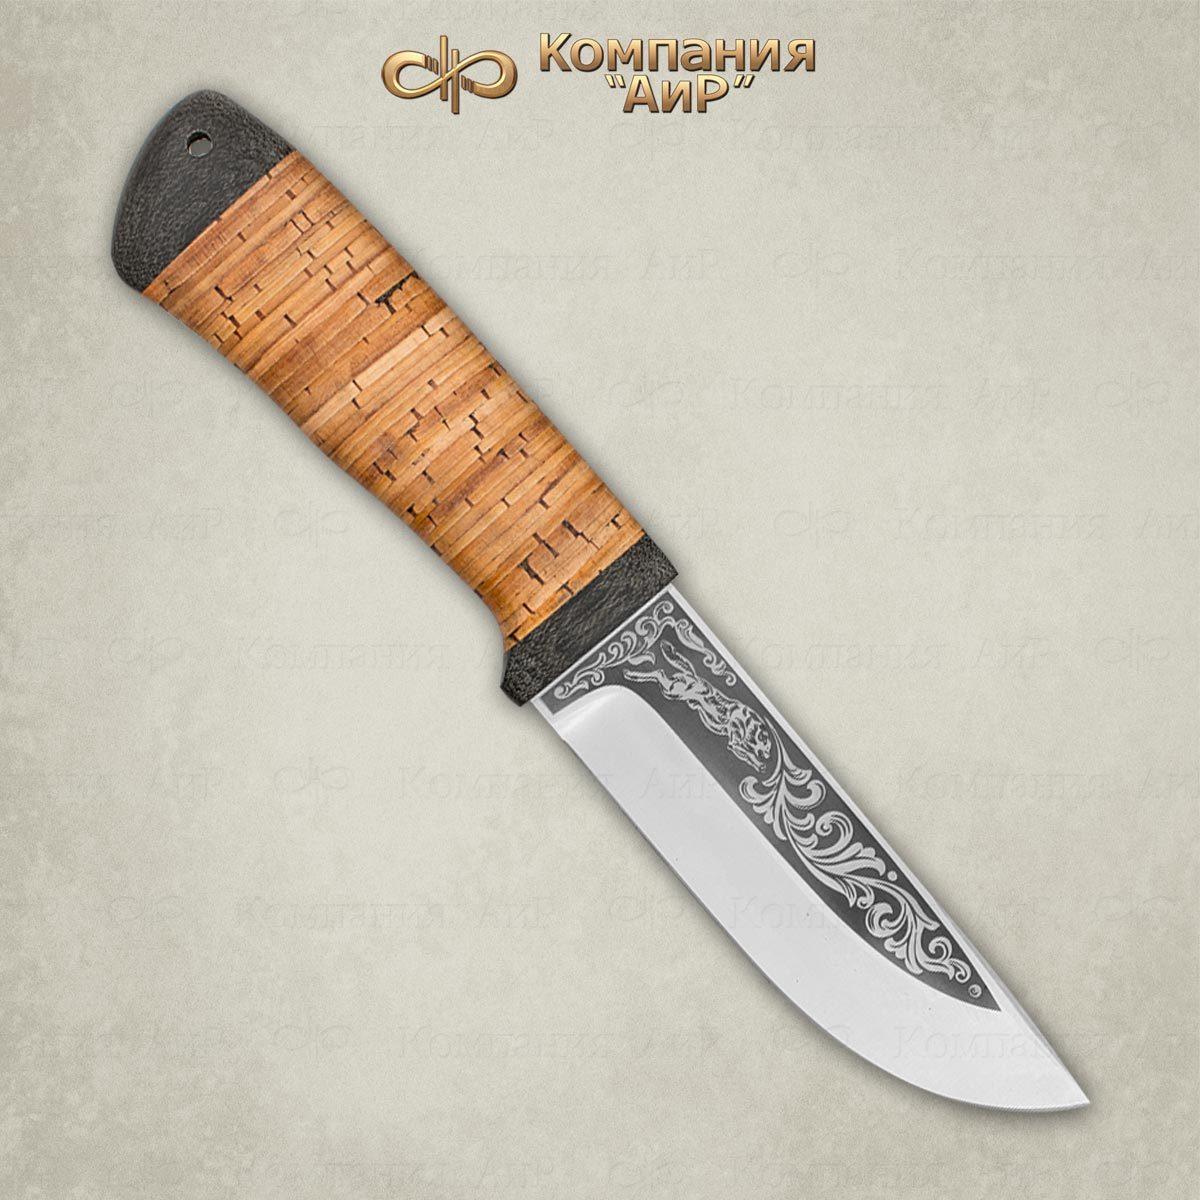 Нож разделочный АиР